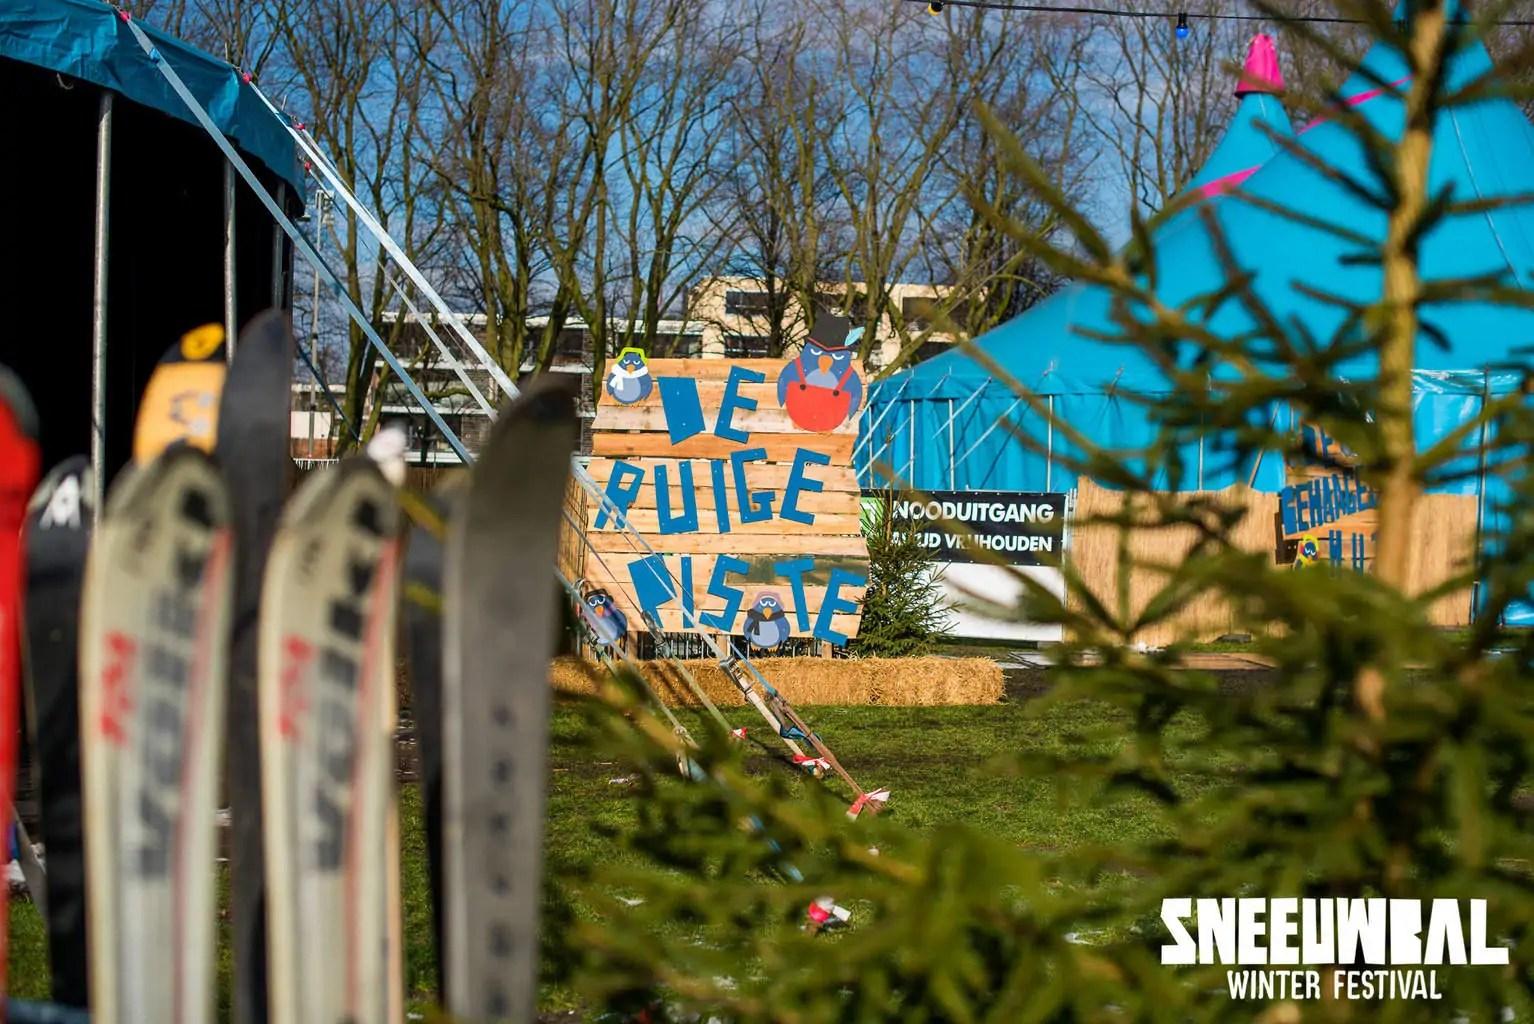 sneeuwbal winterfestival 2